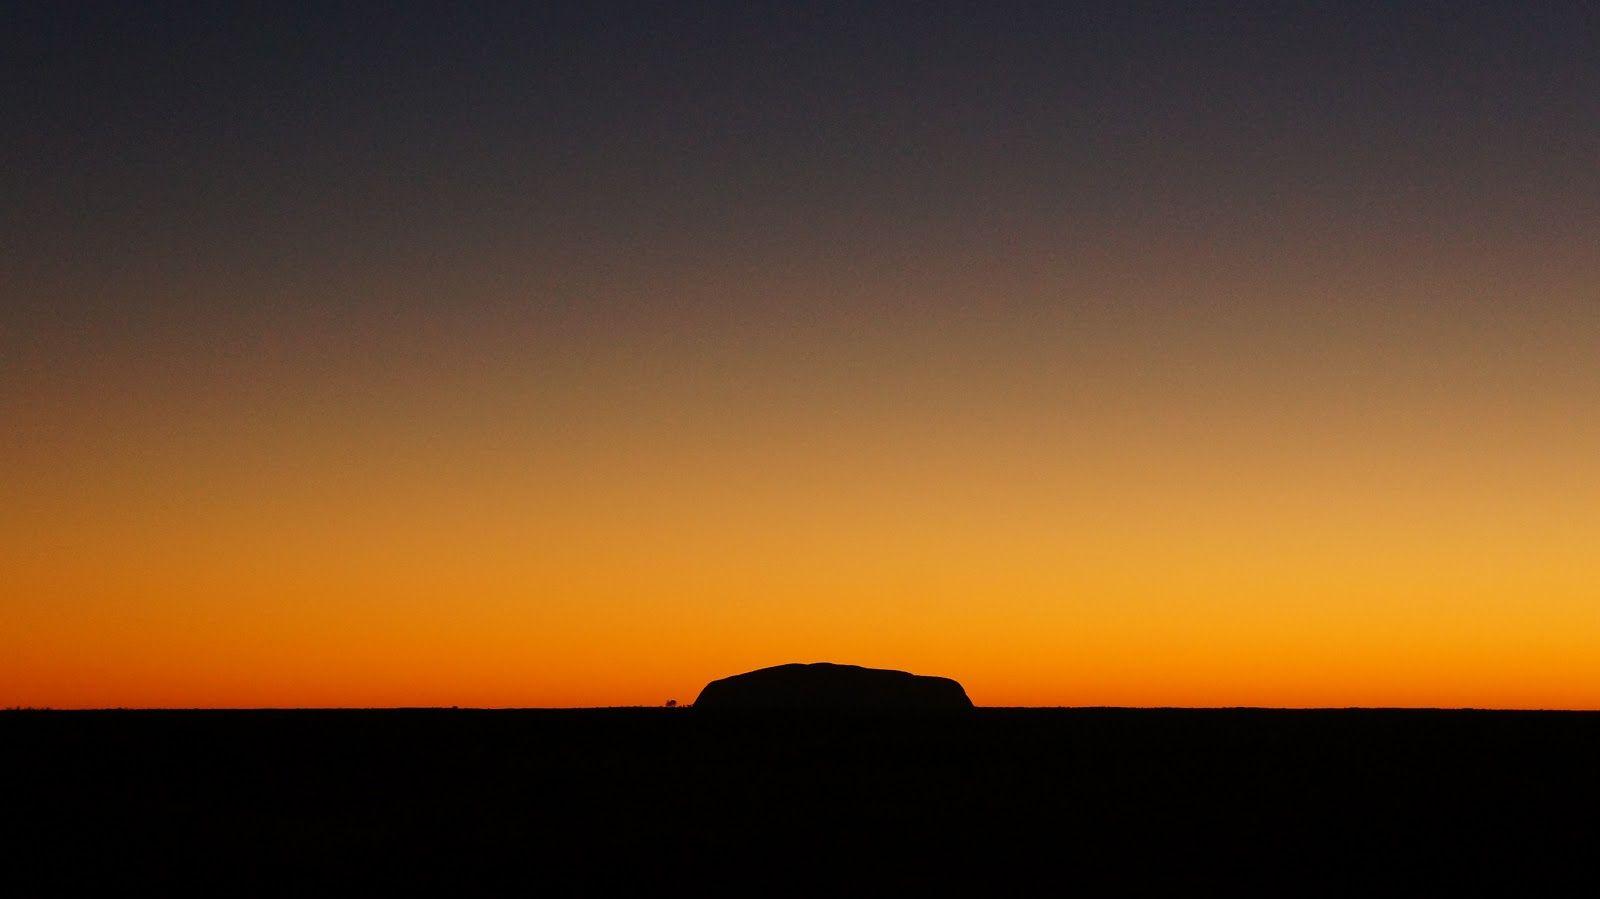 Patrick en Lion op reis!: 8. Alice Springs & Darwin!